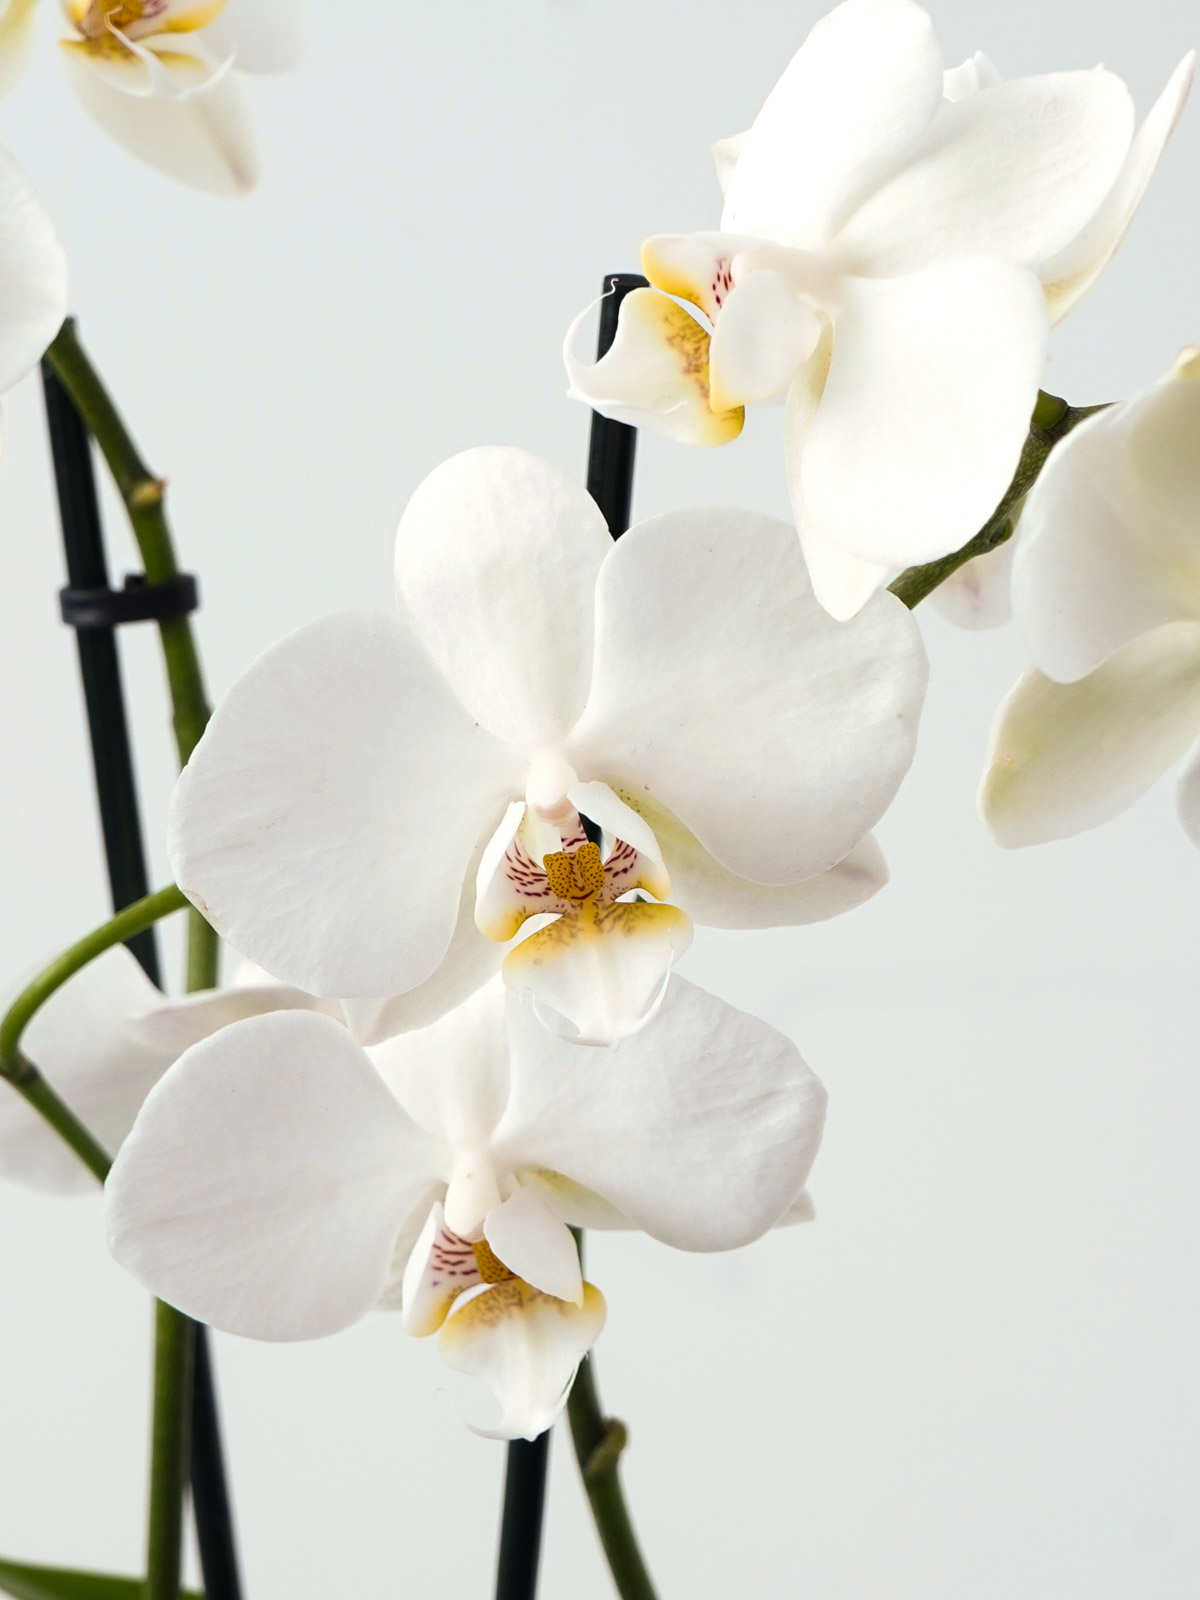 ابيض فالاينوبسيس أوركيد نباتات داخلية النباتات المزهرة